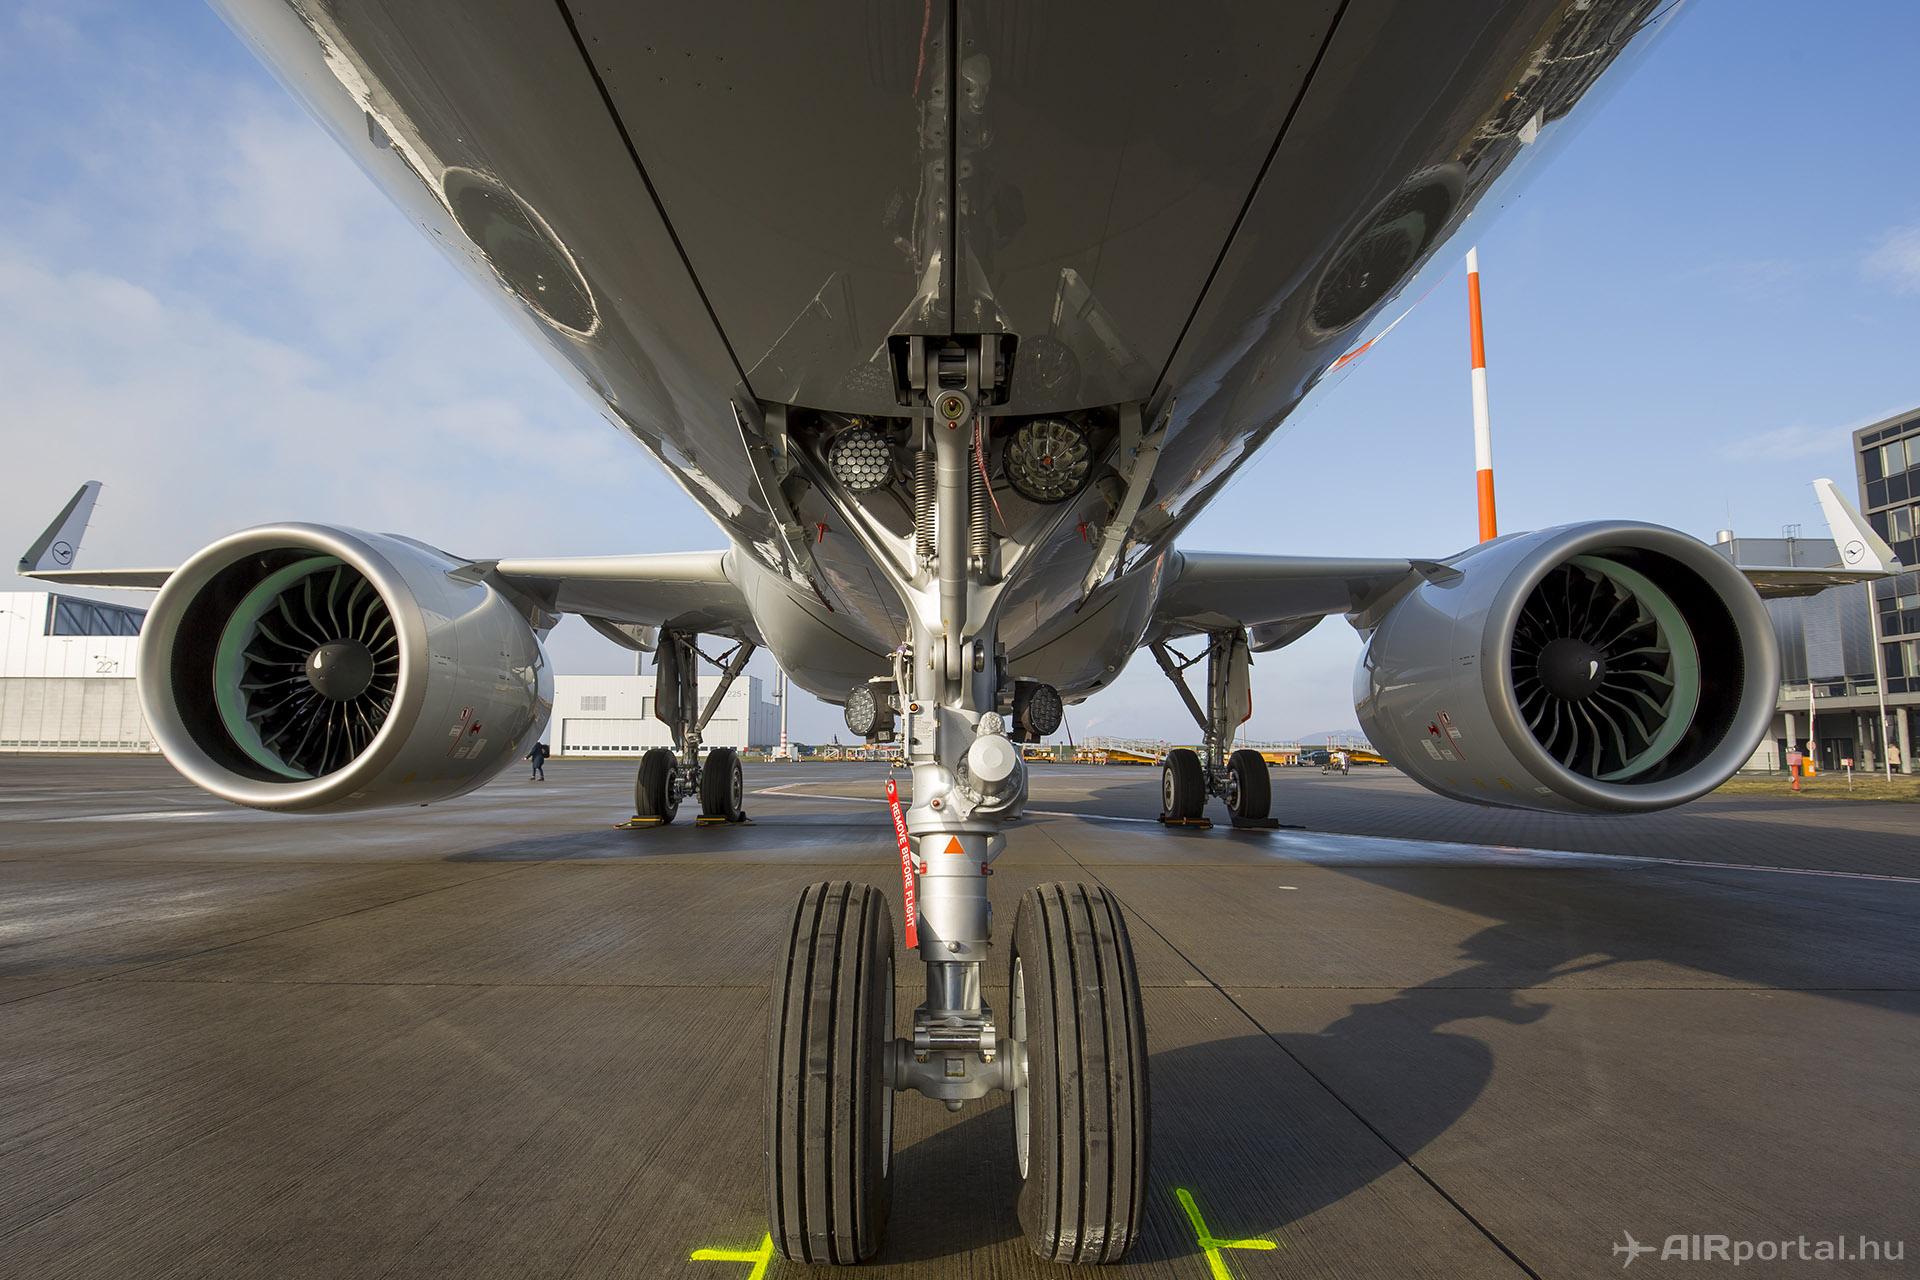 Nem kellett jelentős strukturális átalakítás ahhoz, hogy a 30 éves típusra felszereljék a két méteresnél is nagyobb átmérőjű, új generációs hajtóműveket. (Fotó: AIRportal.hu) | © AIRportal.hu